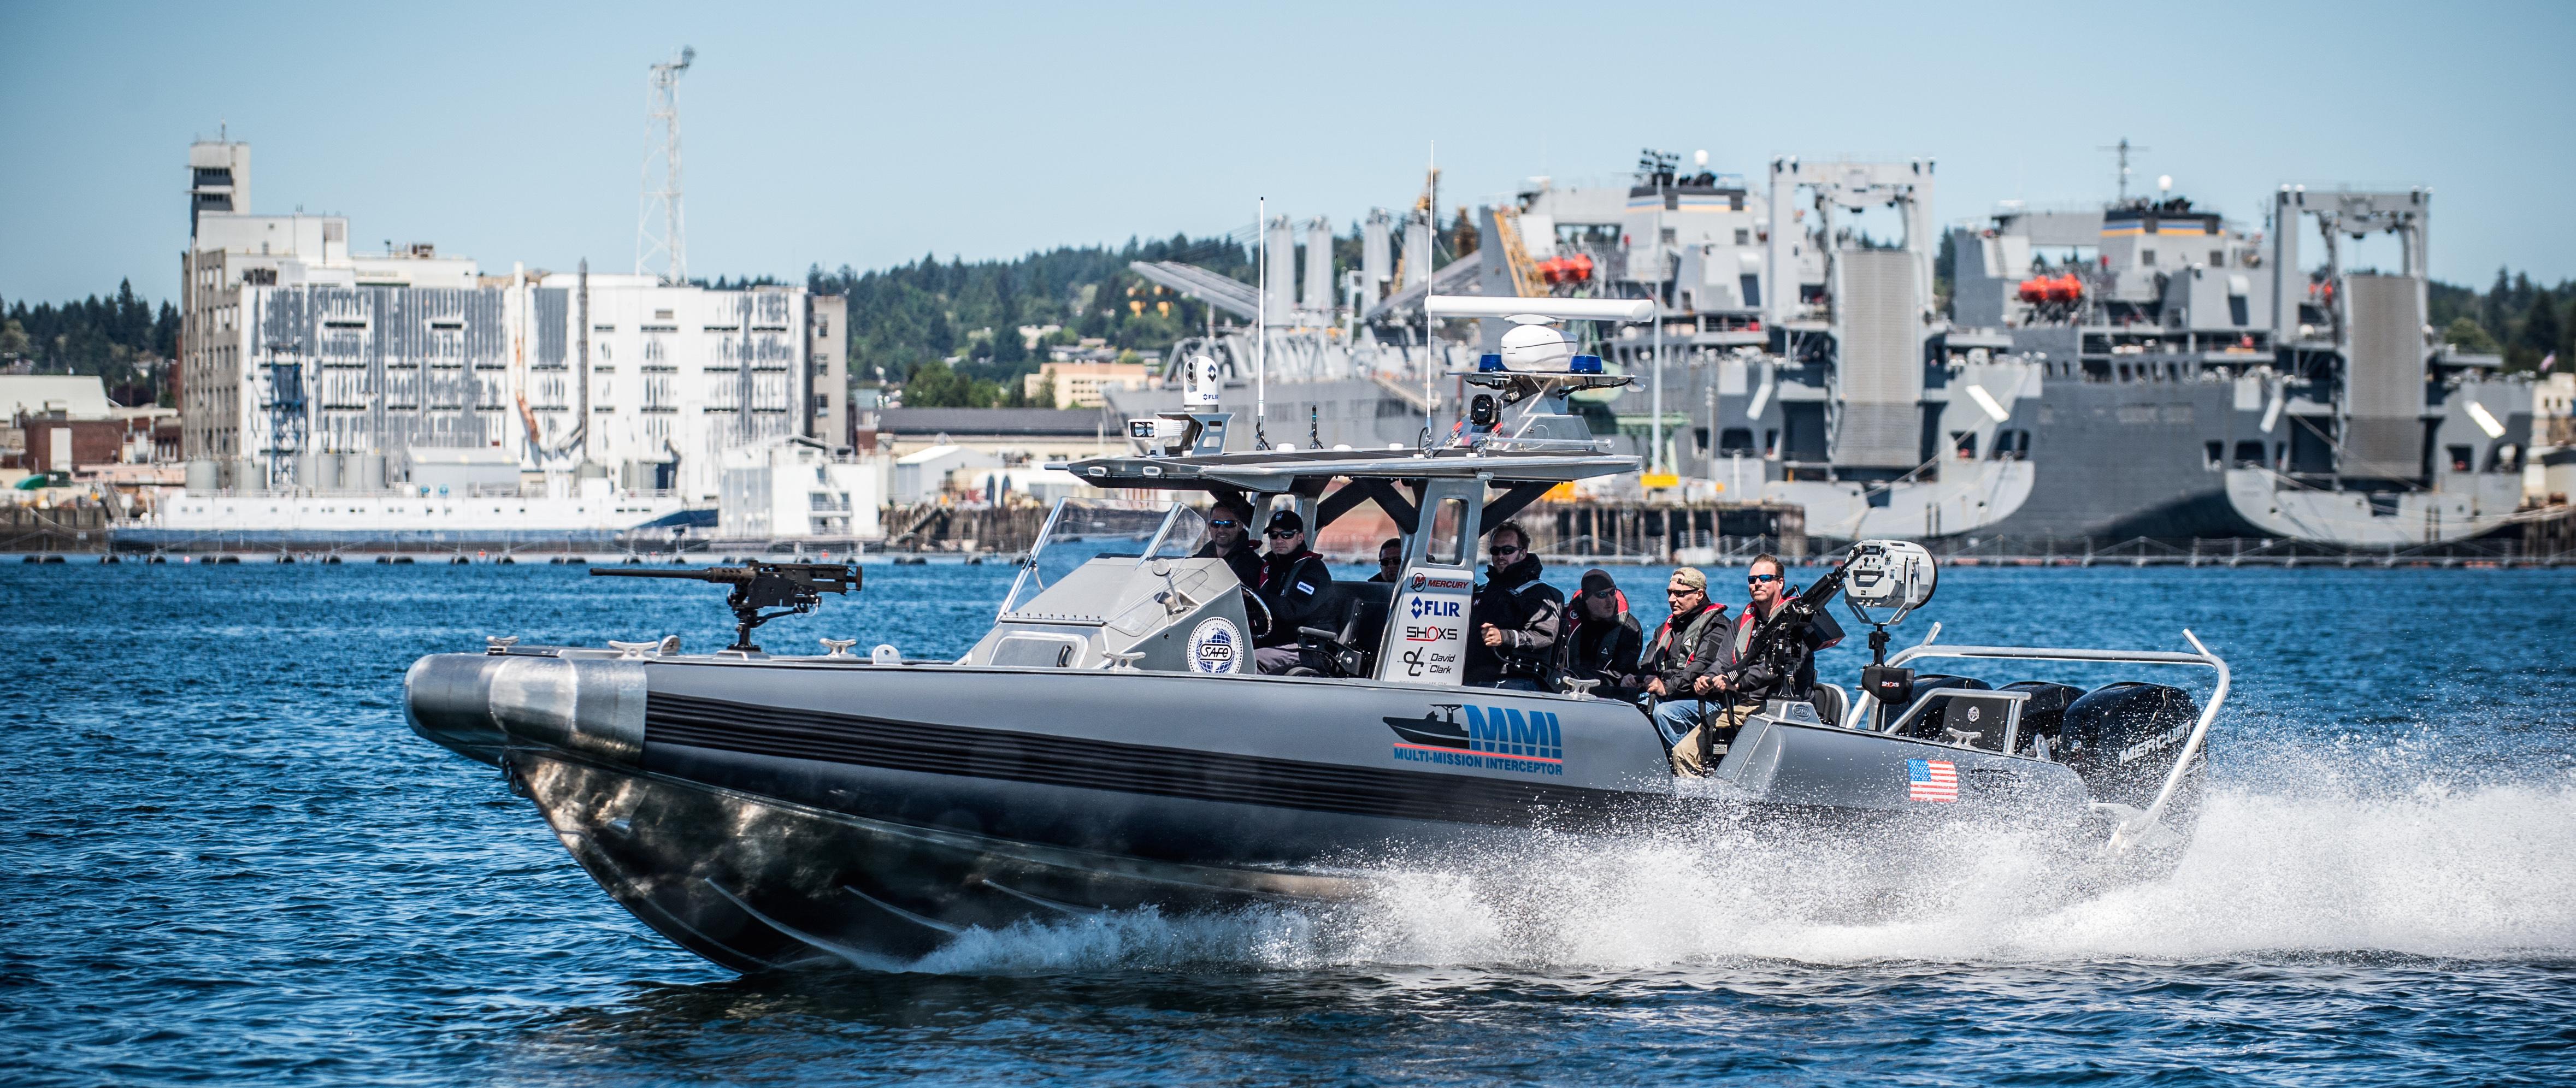 safe boats unveils multi mission vessel minding your. Black Bedroom Furniture Sets. Home Design Ideas